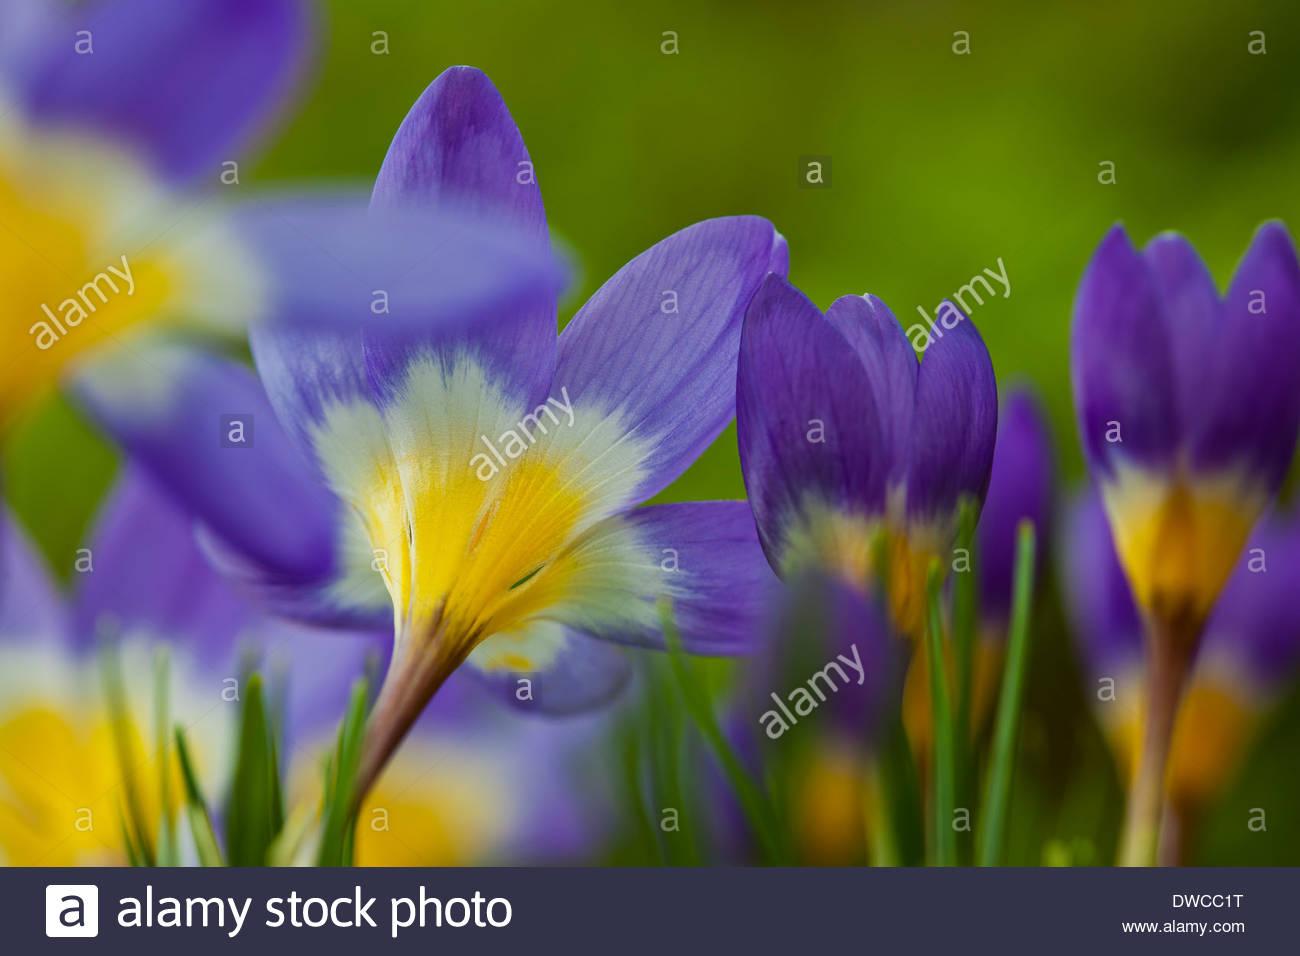 Sieber S Crocus Sieberi Tricolor Spring Flower Bulb Flowers Blooms